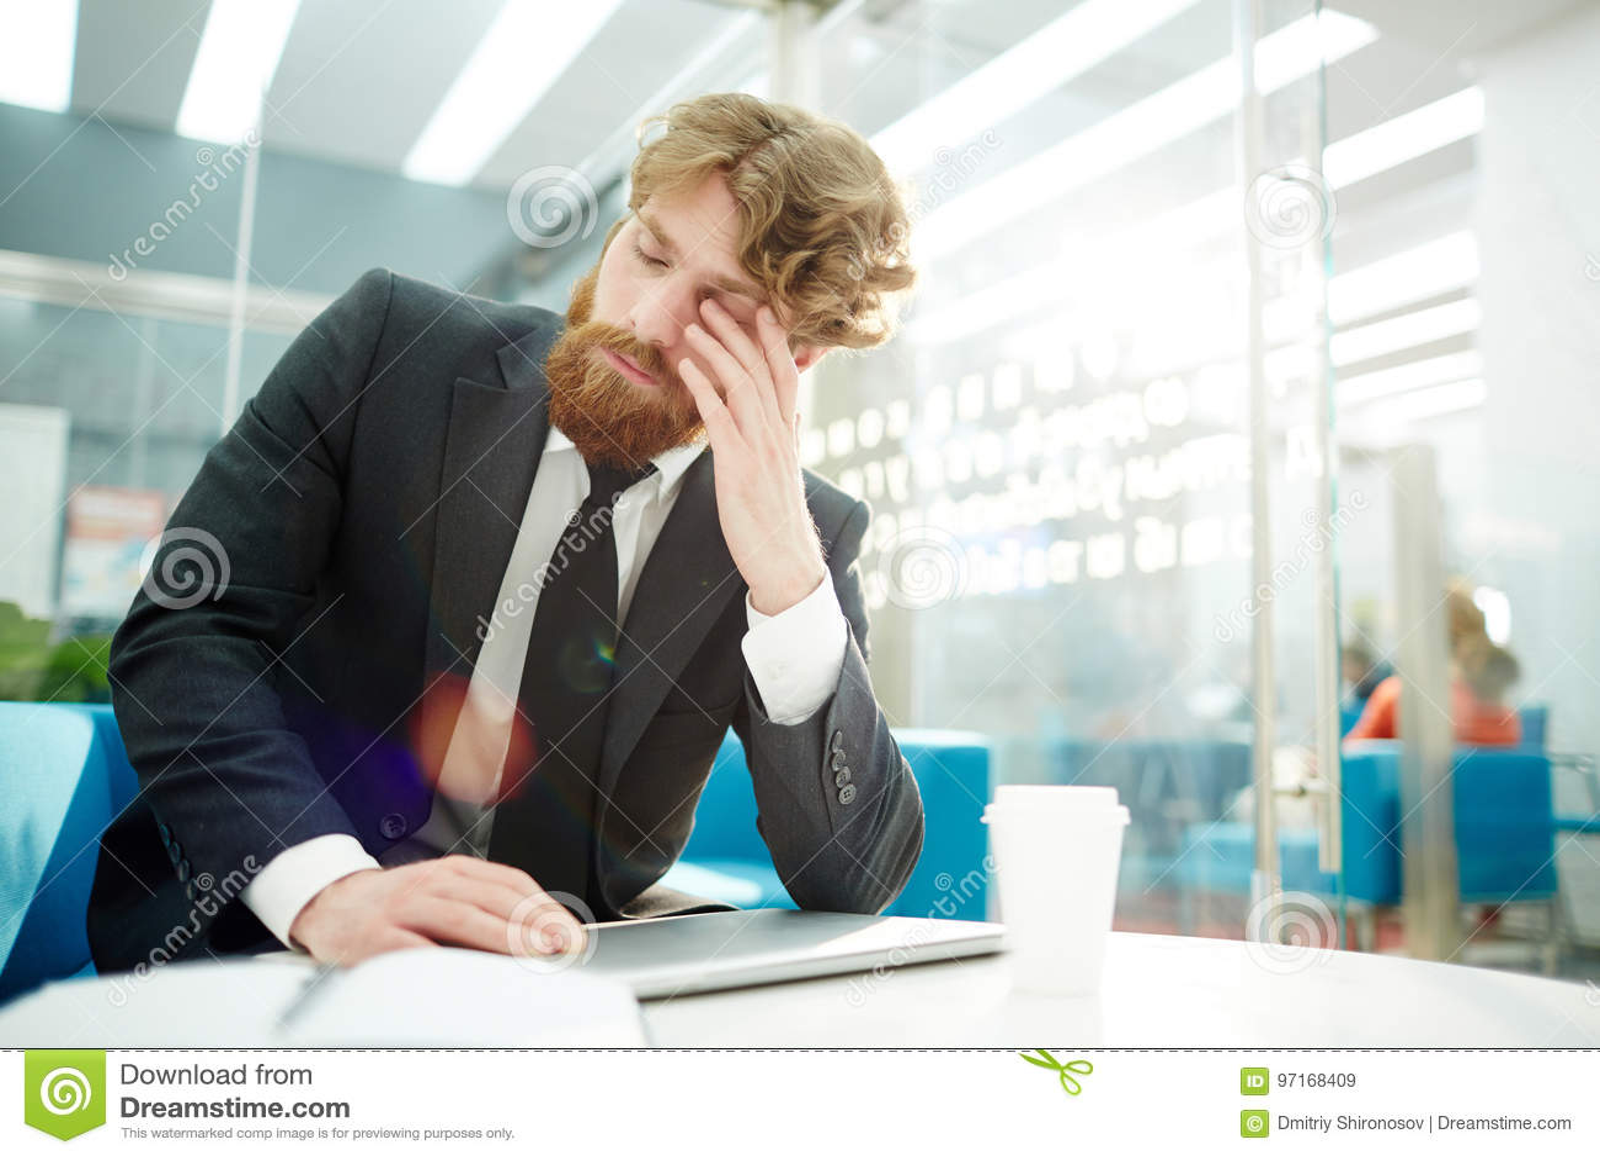 Müder Geschäftsmann Finishing Work im Büro